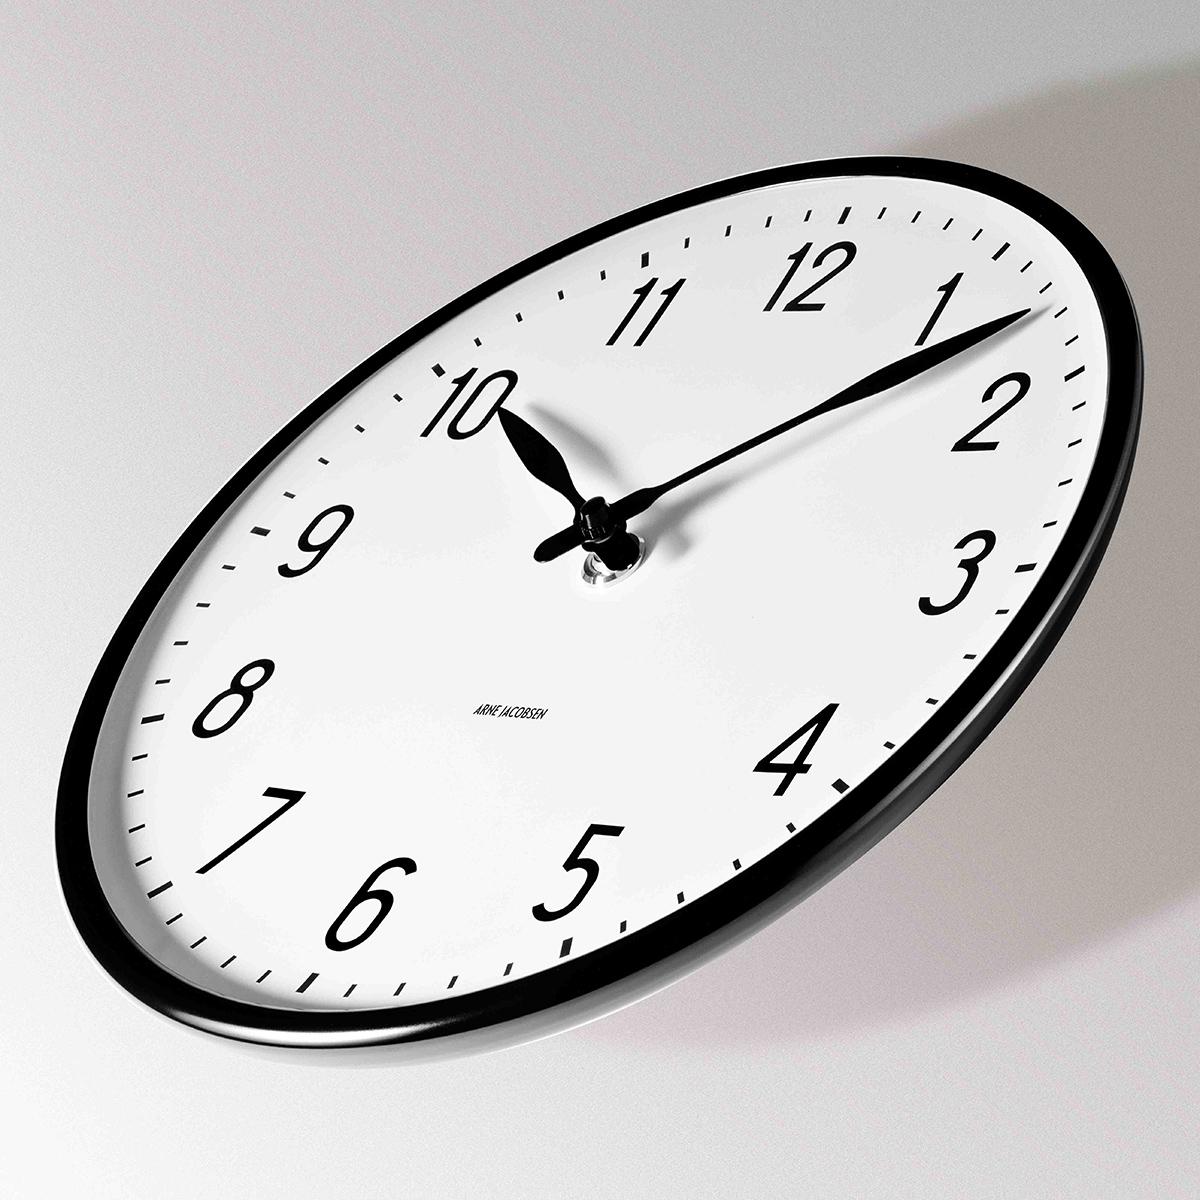 アルネヤコブセン ARNE JACOBSEN 時計 掛け時計 ウォールクロック 北欧 ステーション STATION 29cm 43643